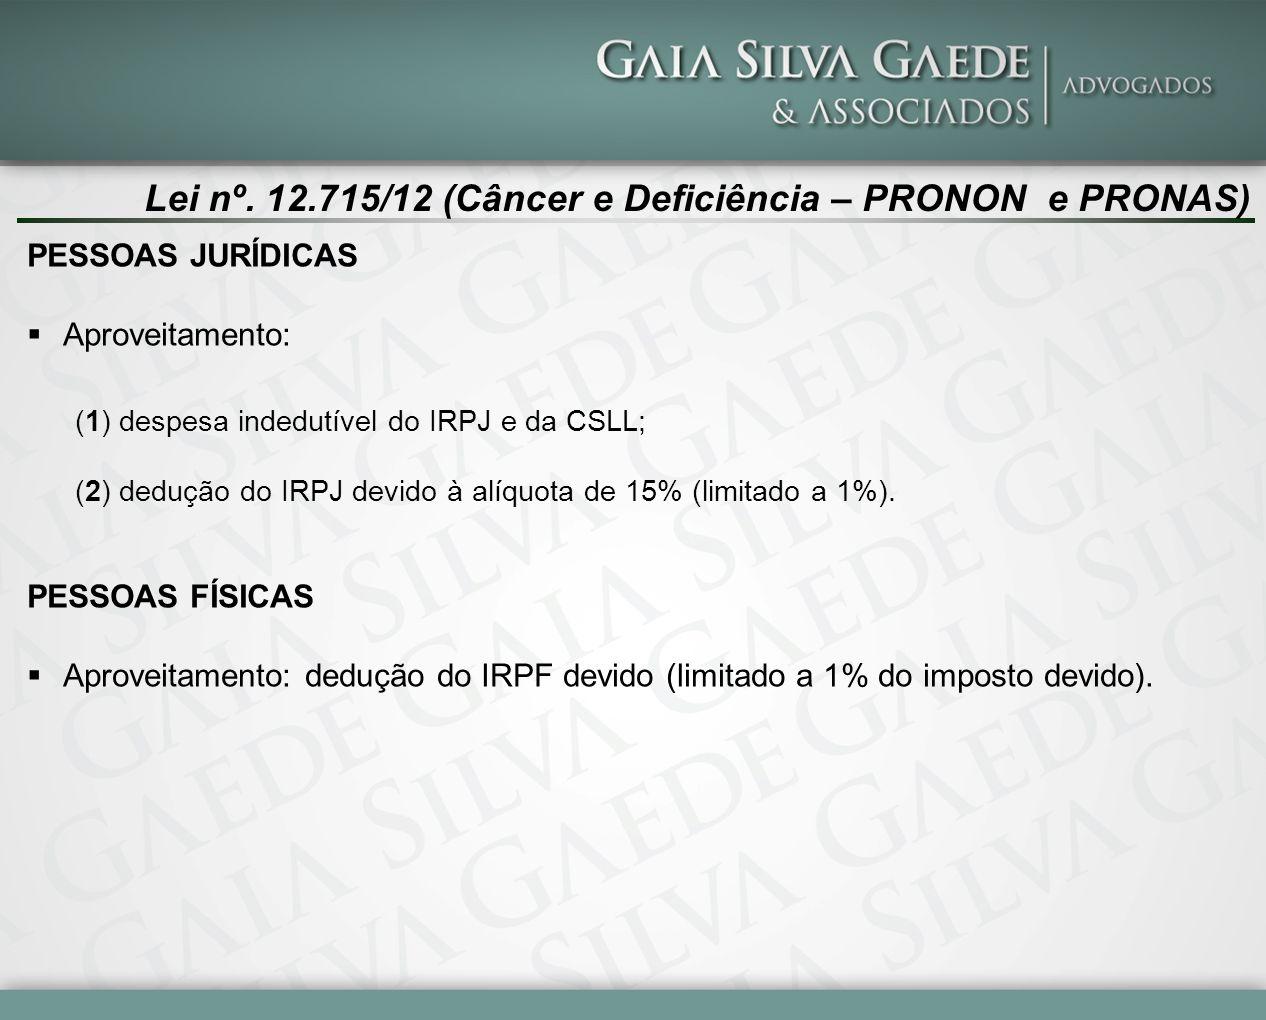 Lei nº. 12.715/12 (Câncer e Deficiência – PRONON e PRONAS)